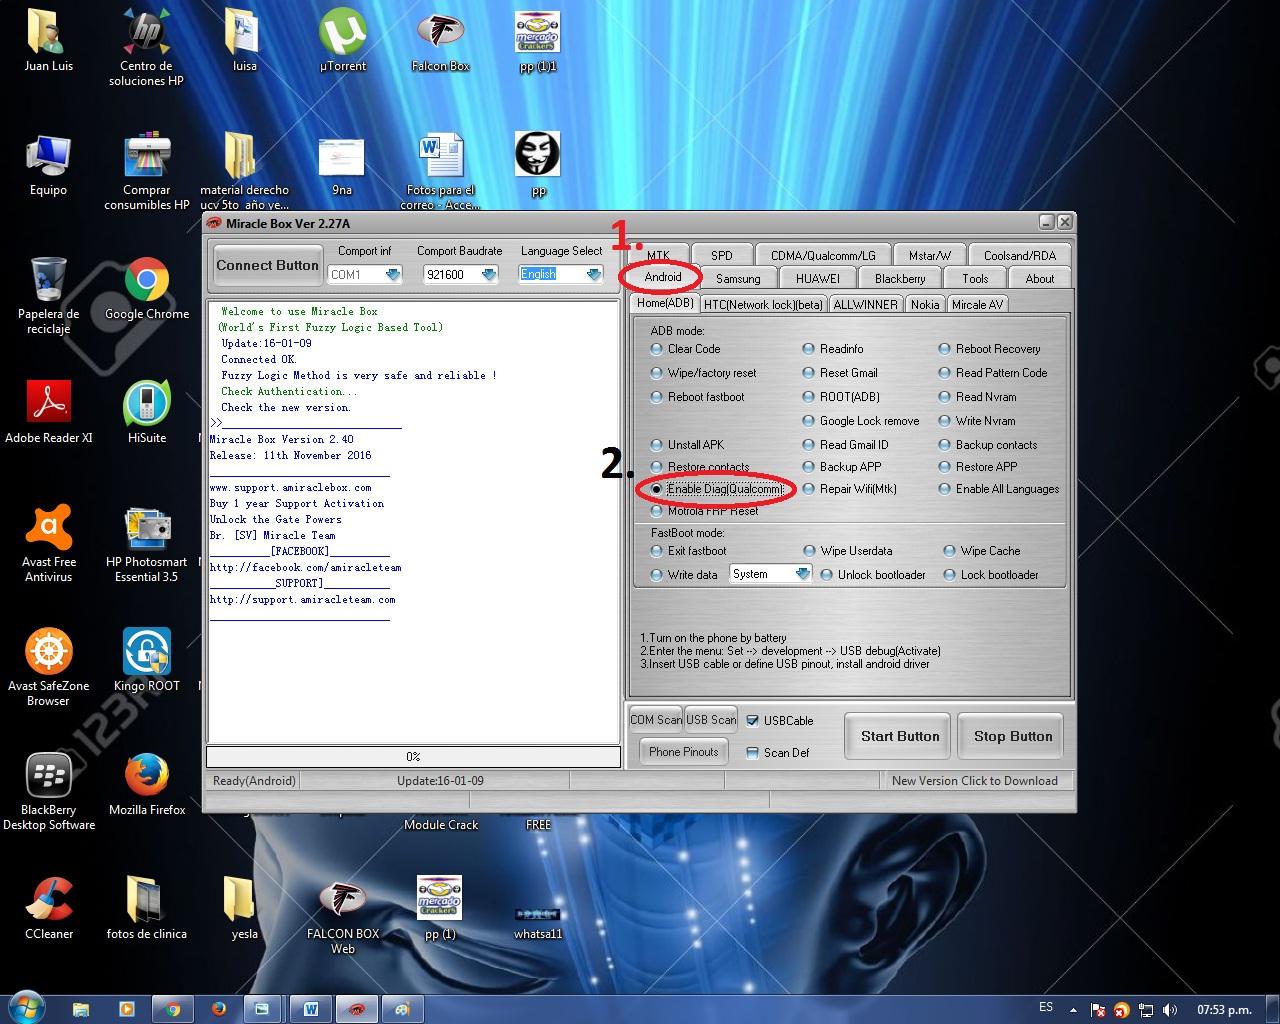 Reparar Imei HAIER W861 QUALCOMM con MIRACLE 2.27a 2irukja